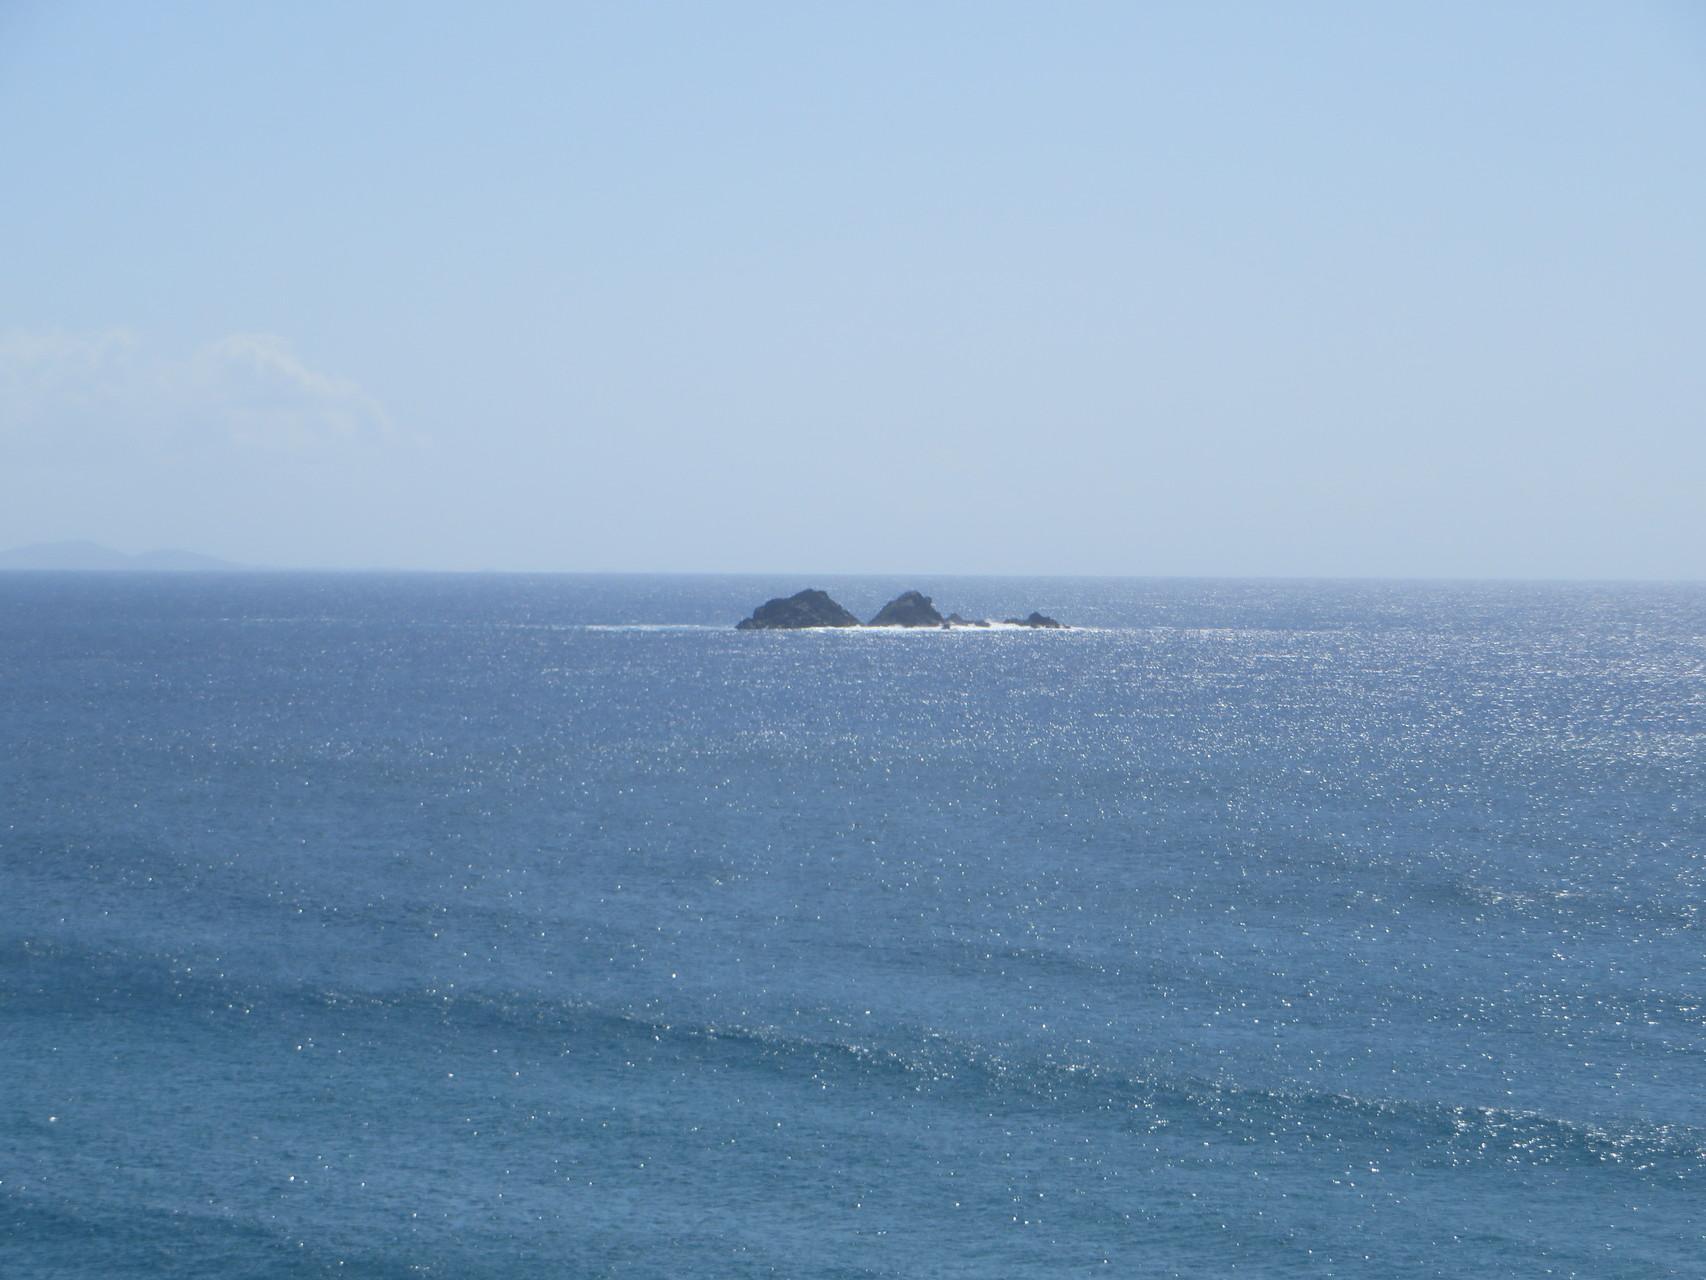 Eine einsame Insel in der Ferne.